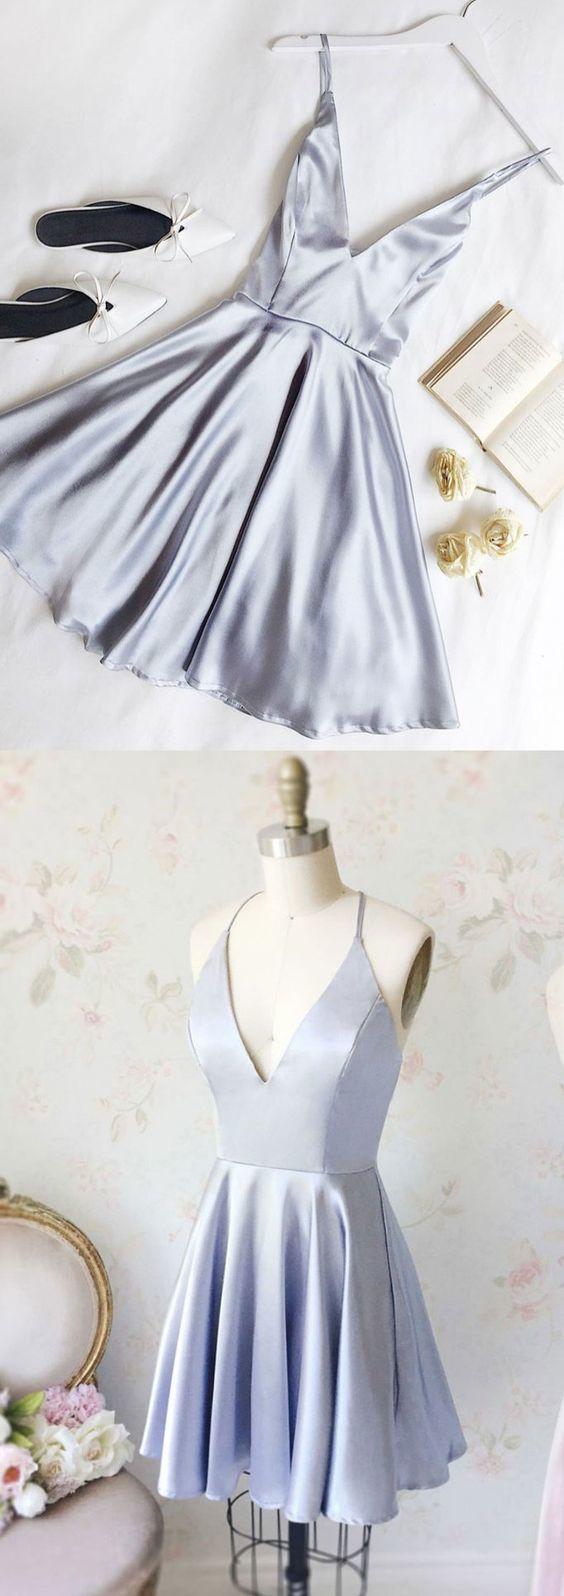 Chic a-line v neck homecoming dresses short prom dress simple homecoming dresses